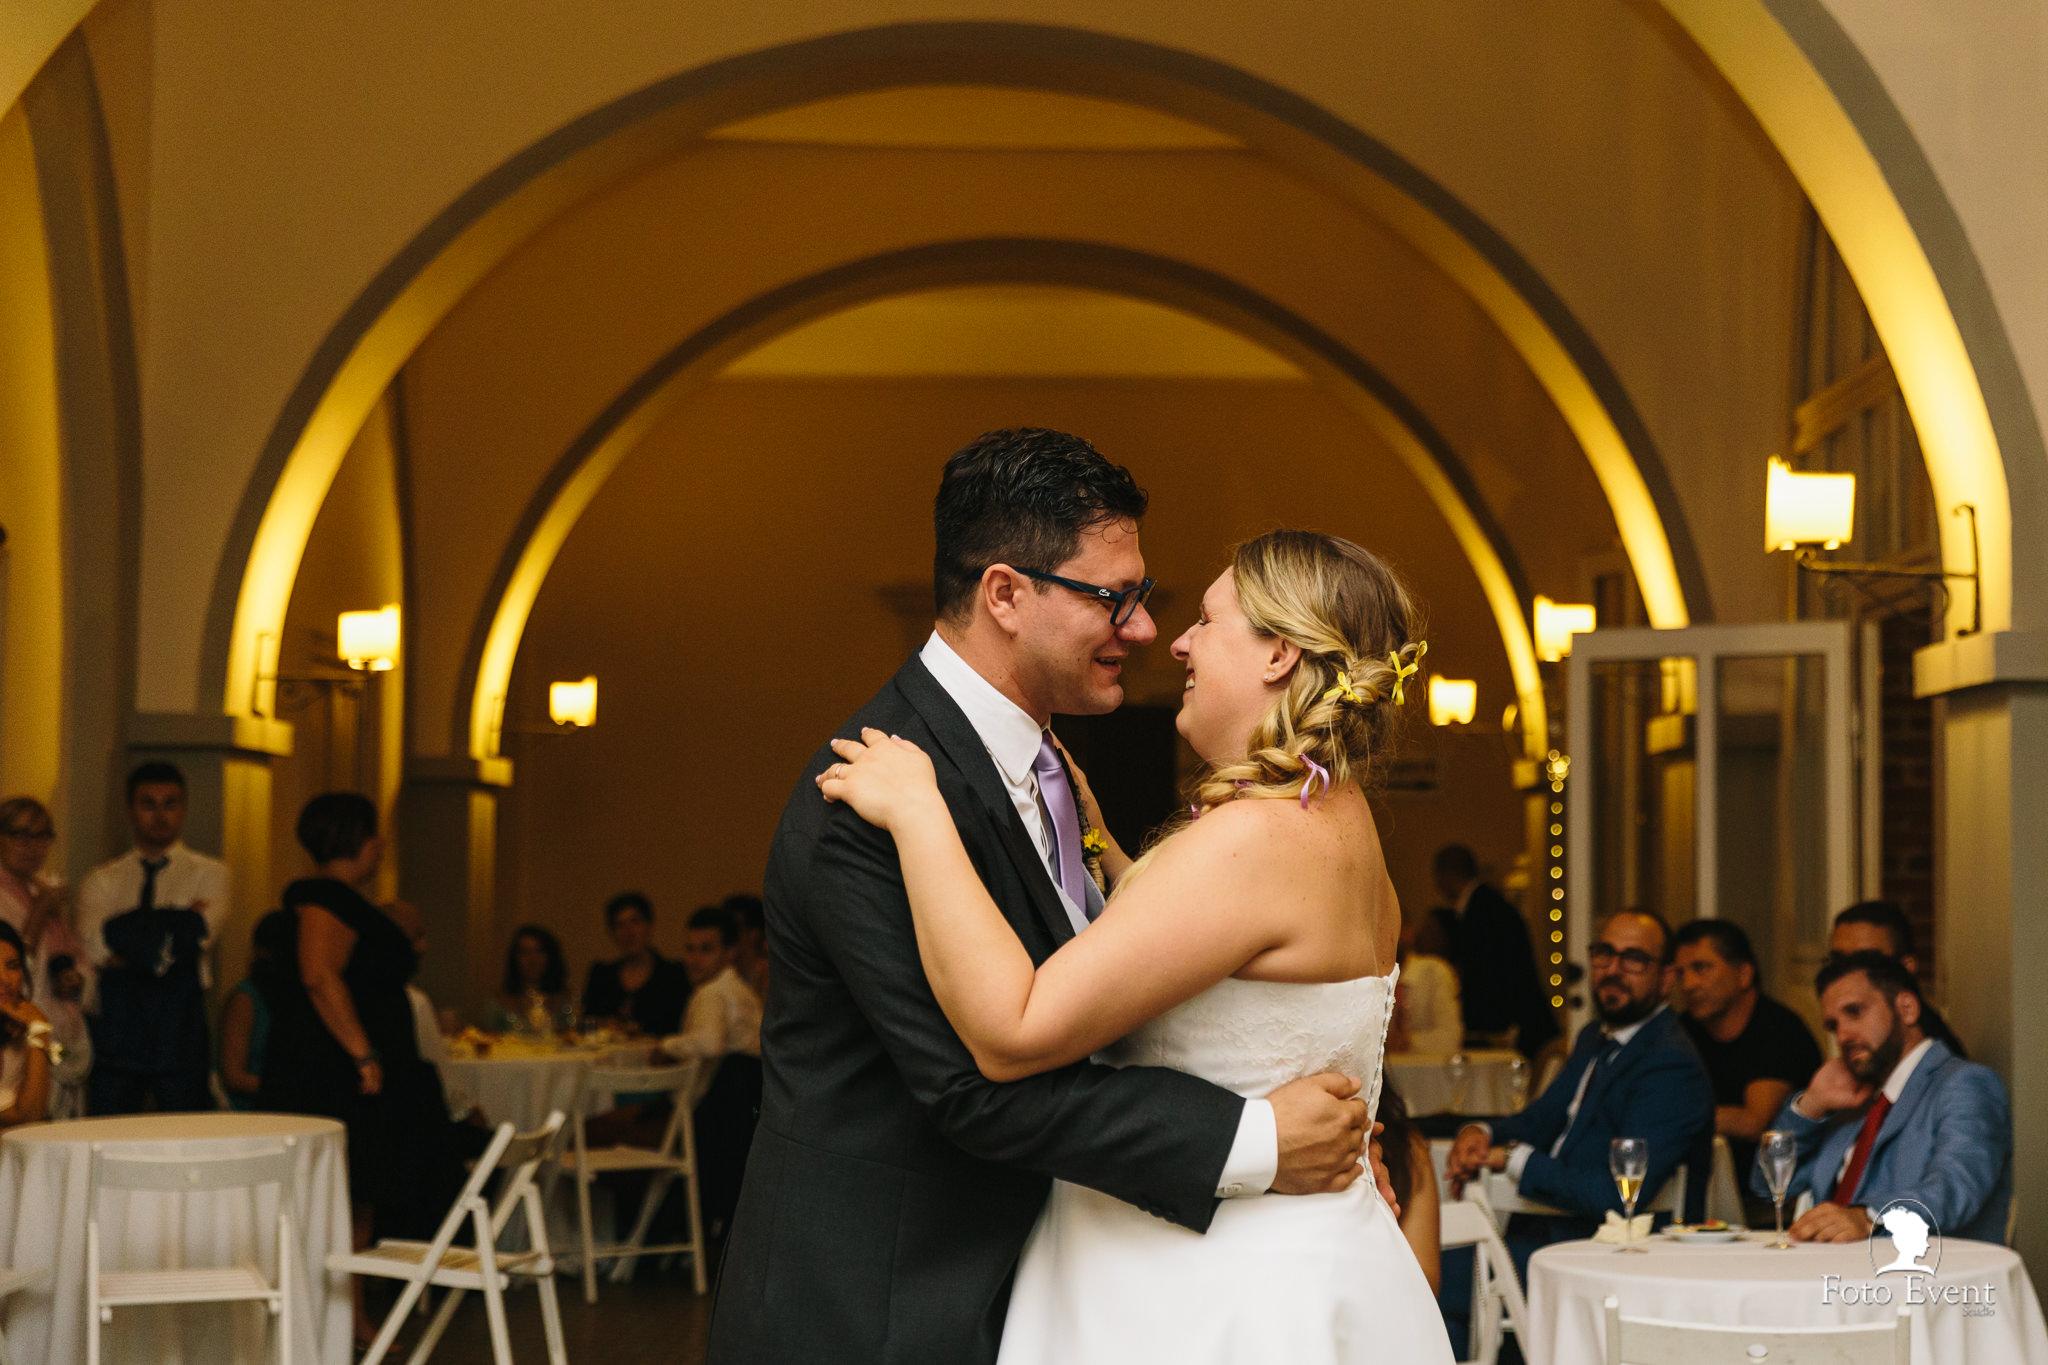 089-2019-07-27-Matrimonio-Valentina-e-Alessandro-Pettinari-5DE-1807